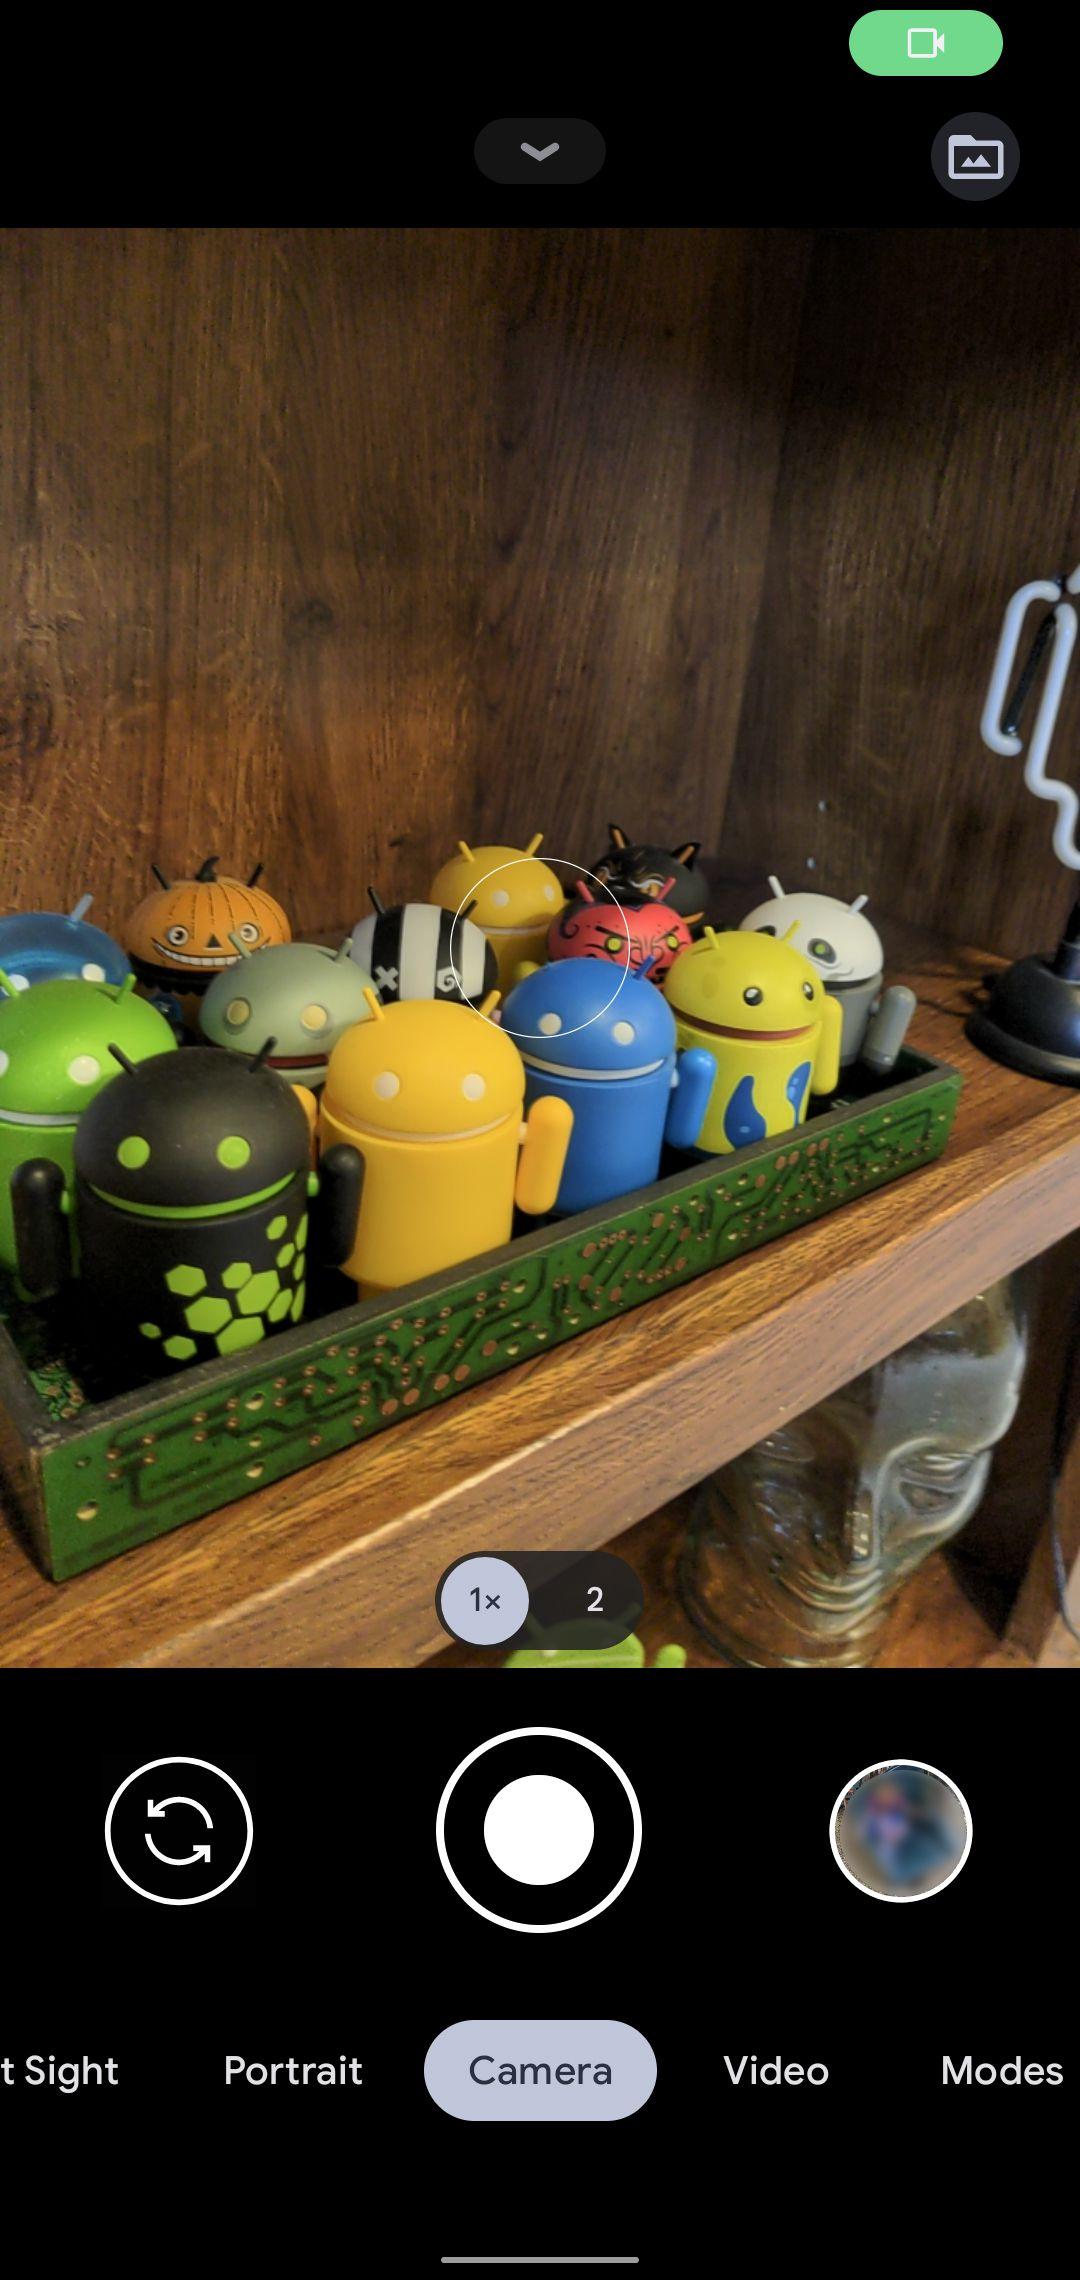 Indicatorii de acces pentru Android 12 încep ca pictograme, dar apoi se schimbă în mici puncte verzi.